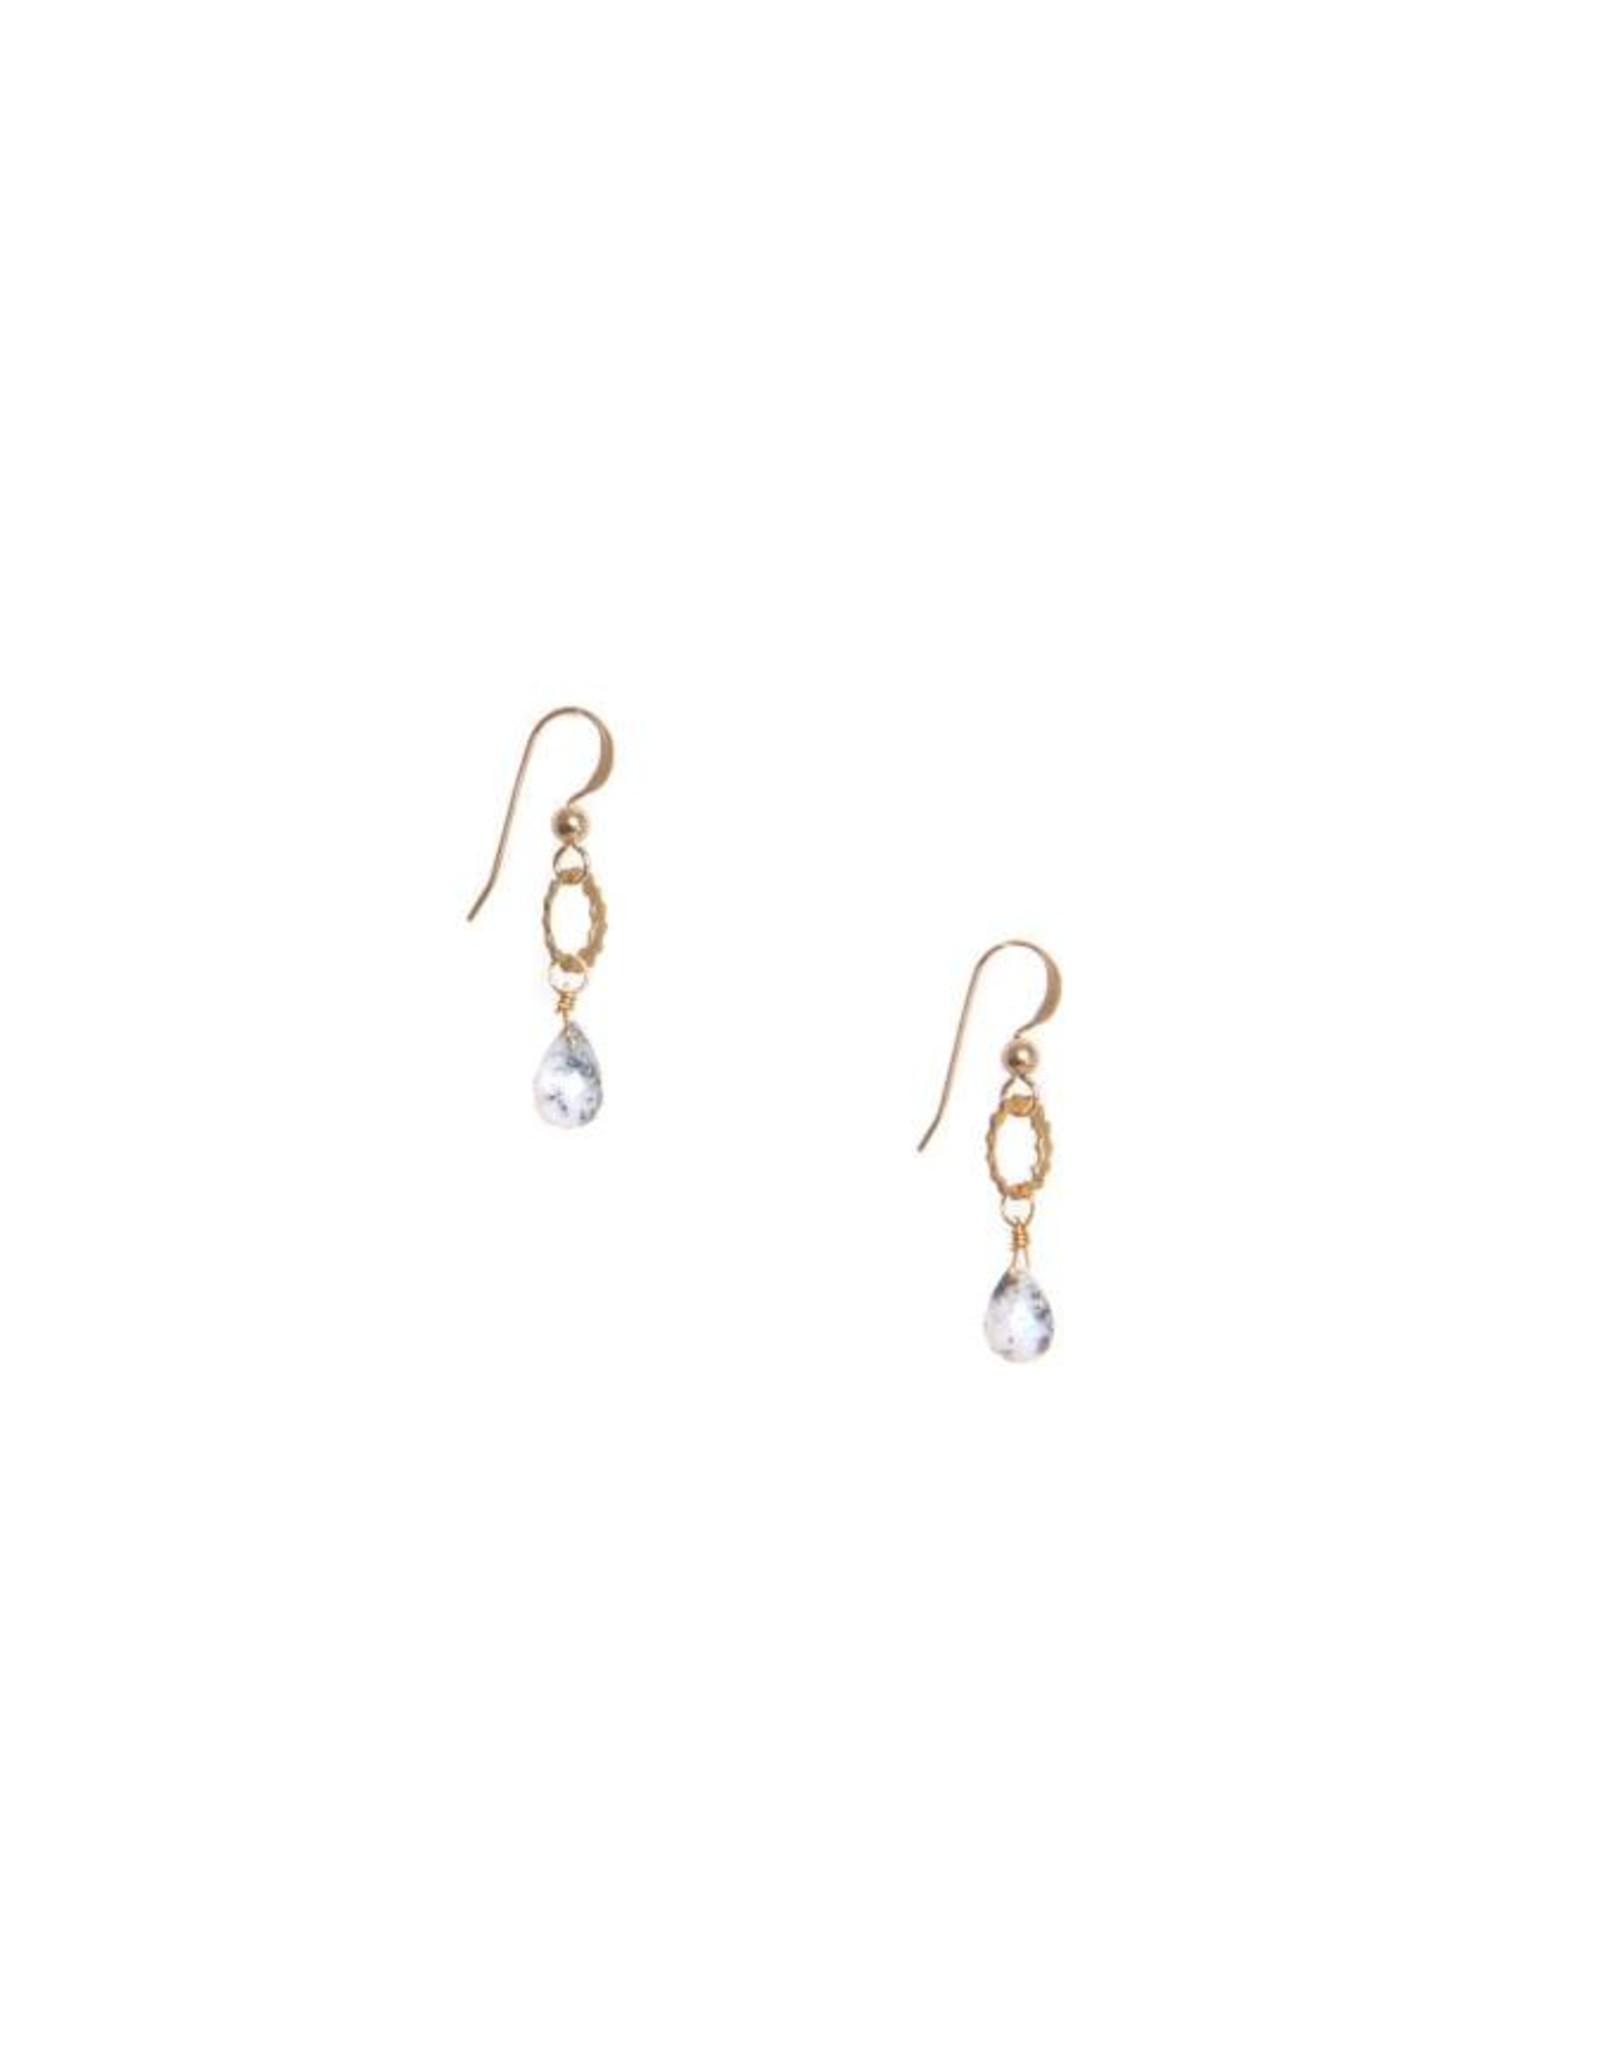 Hailey Gerrits Designs Eos Earrings - Dendrite Opal